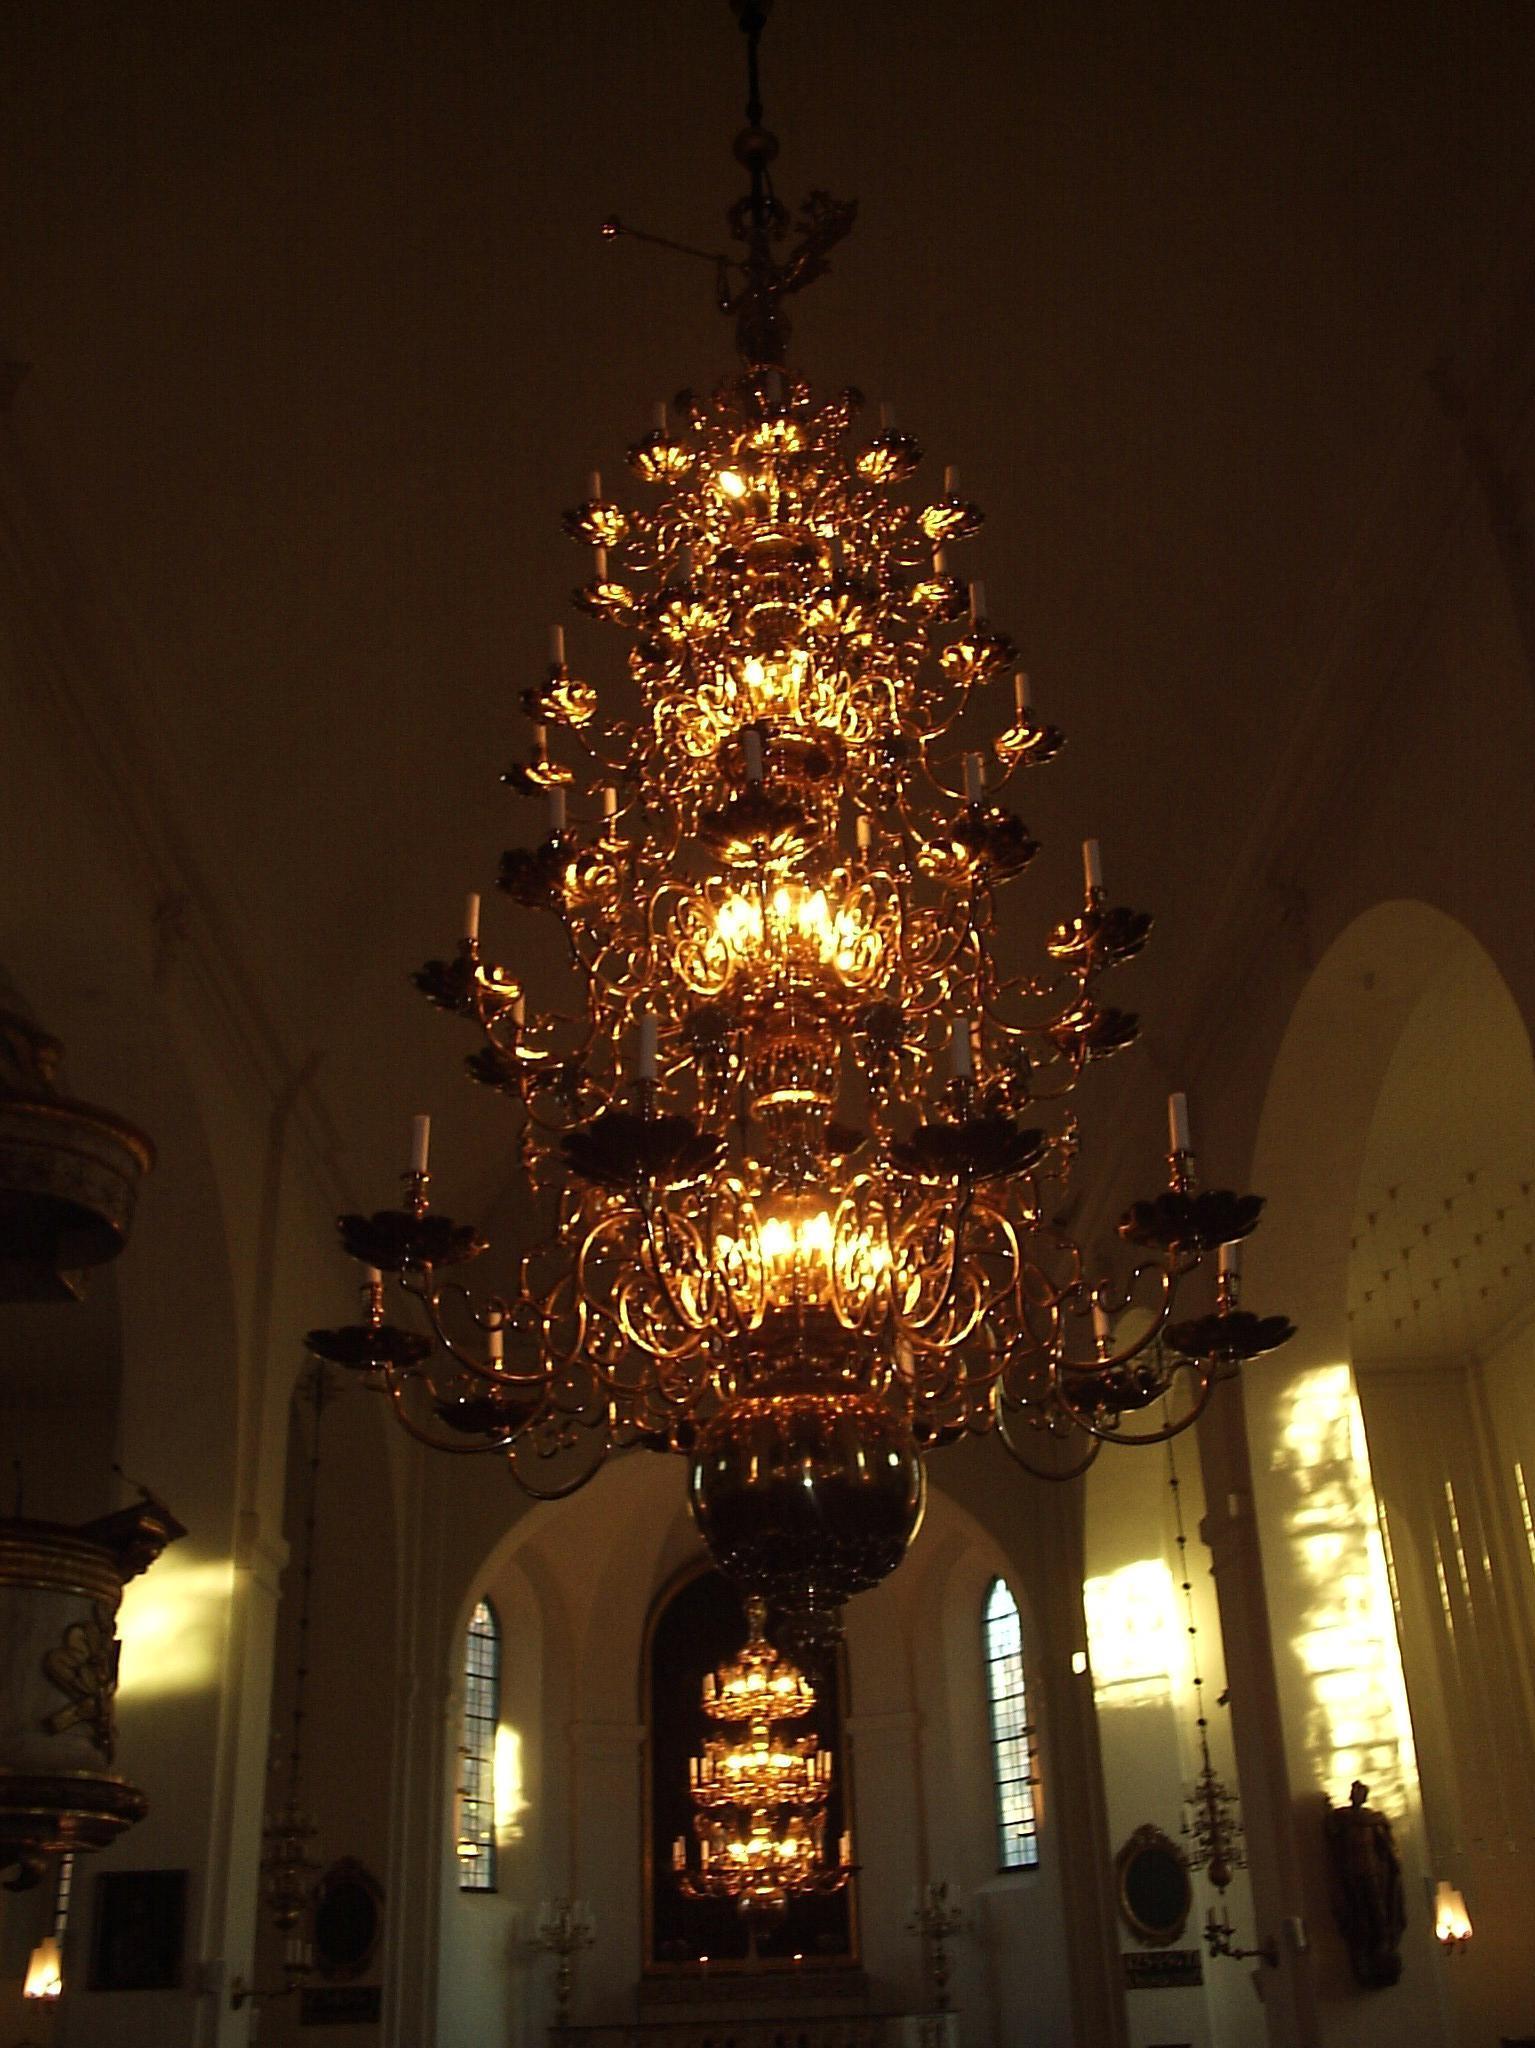 Fil:WTNkpng1 Katy AM Sankt Olai kyrka Norrkping satisfaction-survey.net